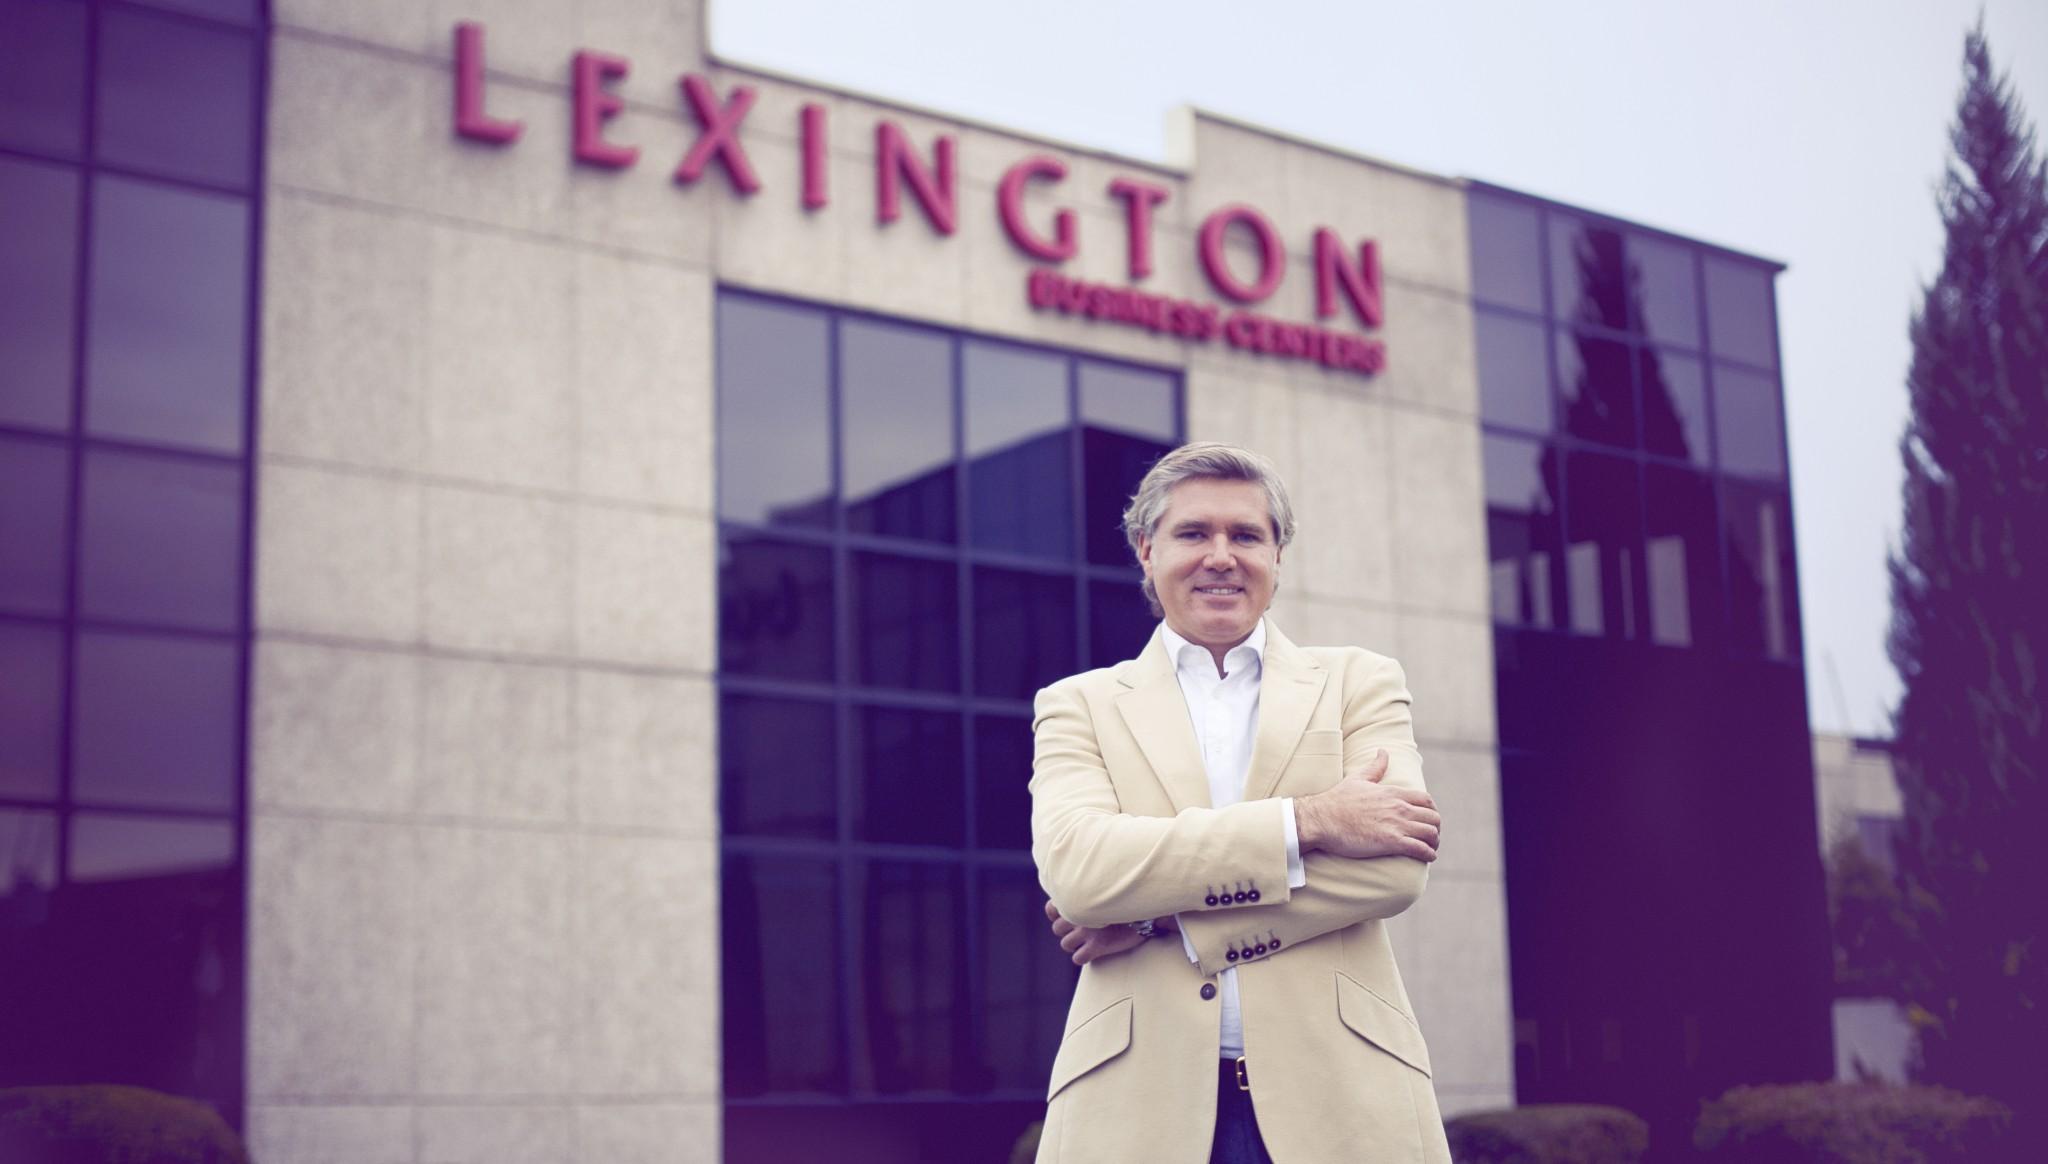 David-Vega-Centros-de-negocios-Lexington